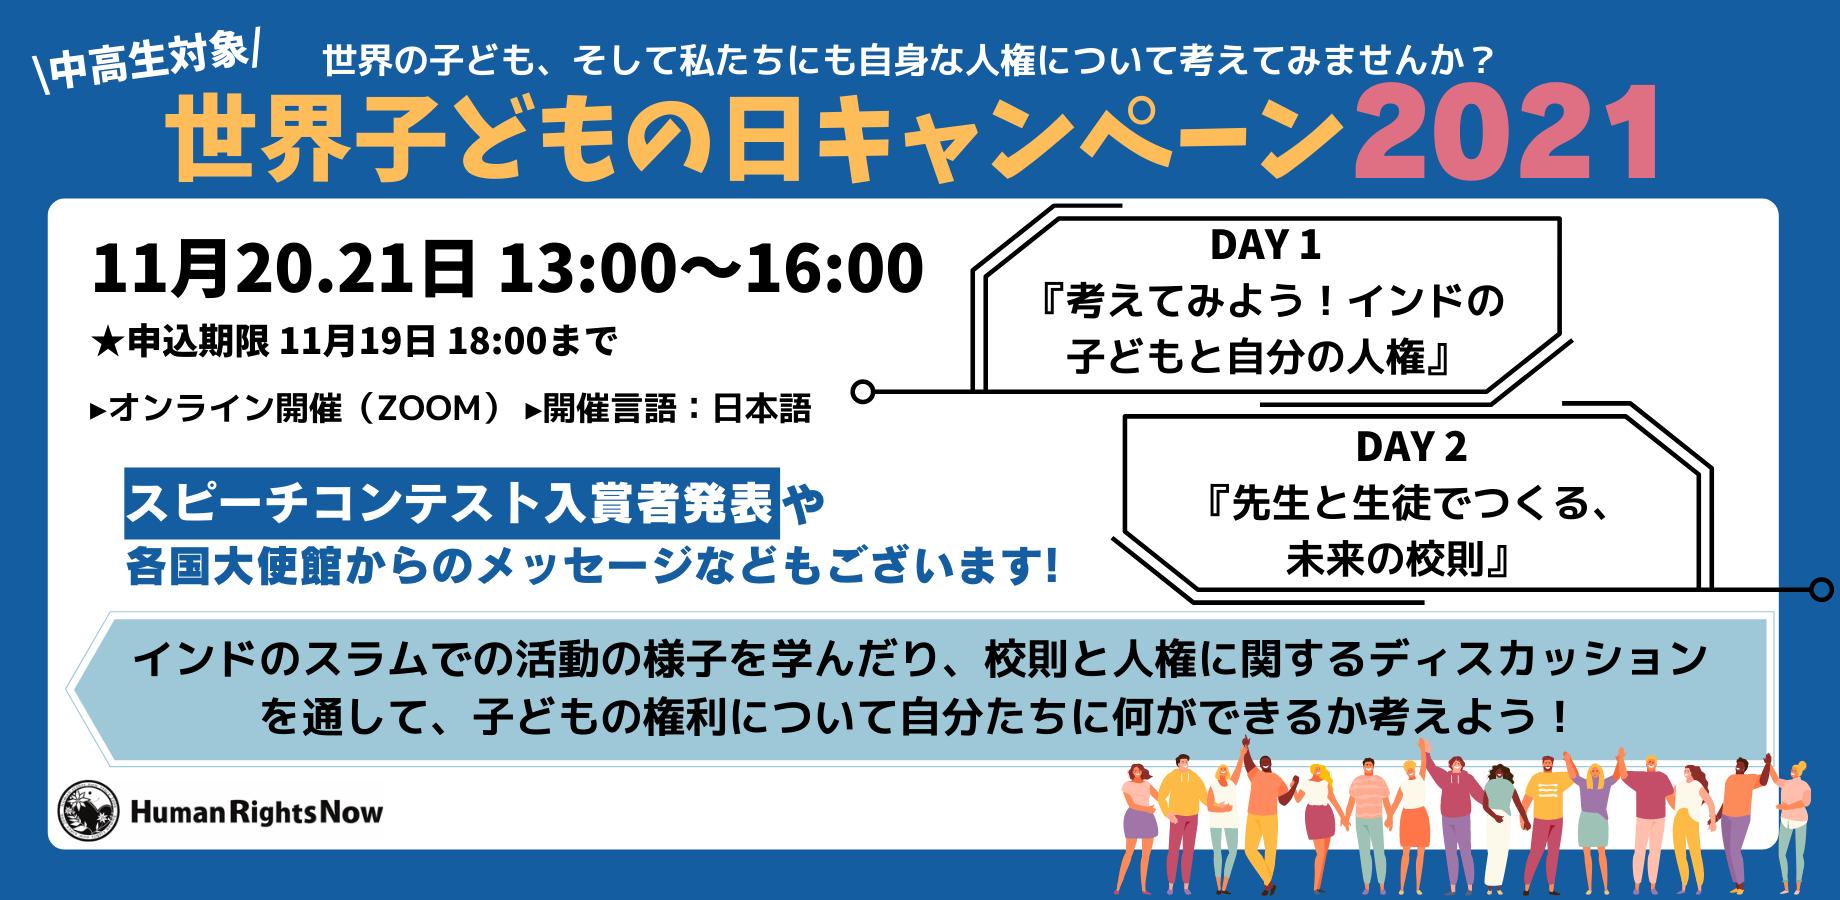 11月20.21日開催! 世界子どもの日キャンペーン2021